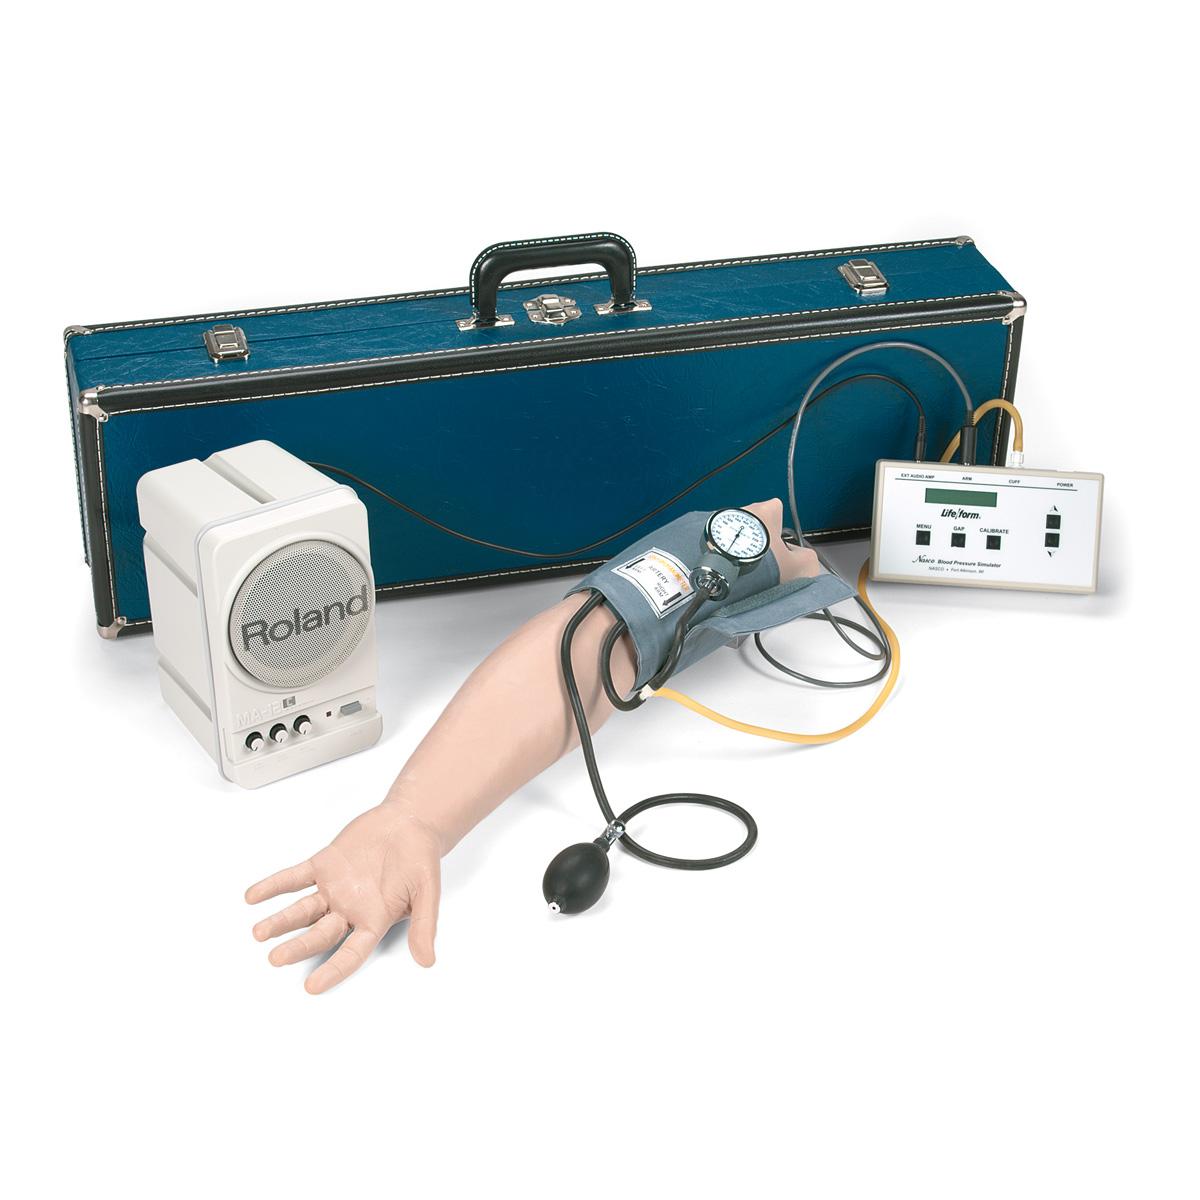 Bras pour tension artérielle, avec système de haut-parleur..